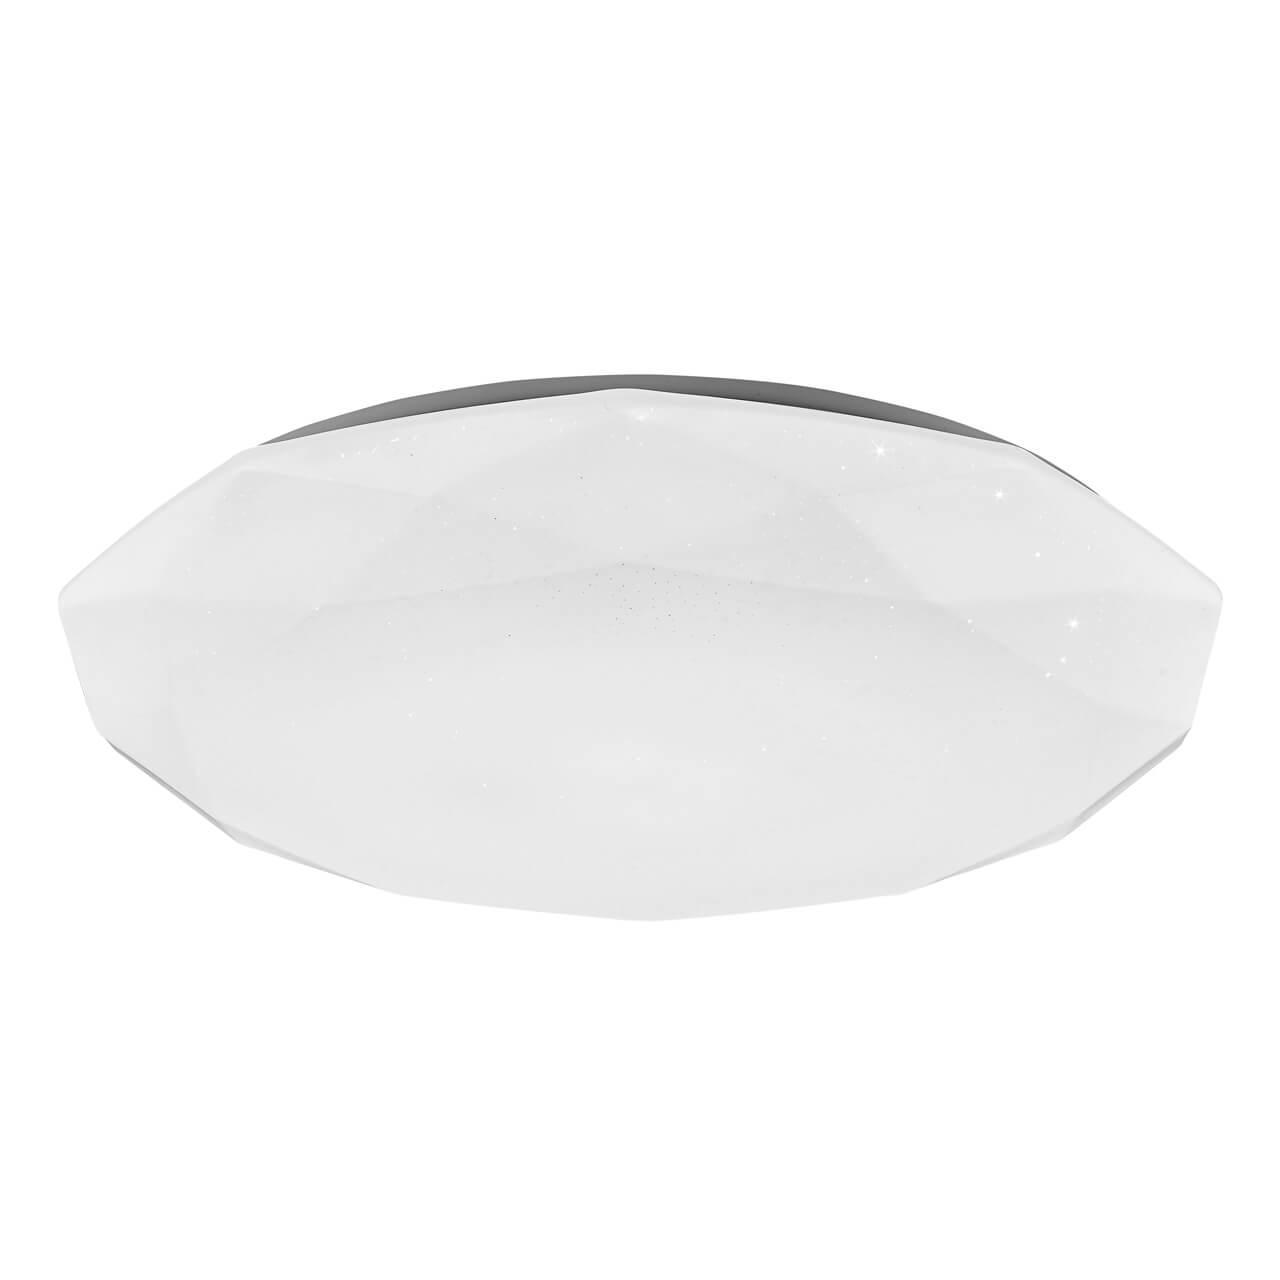 Потолочный светодиодный светильник ЭРА SPB 6